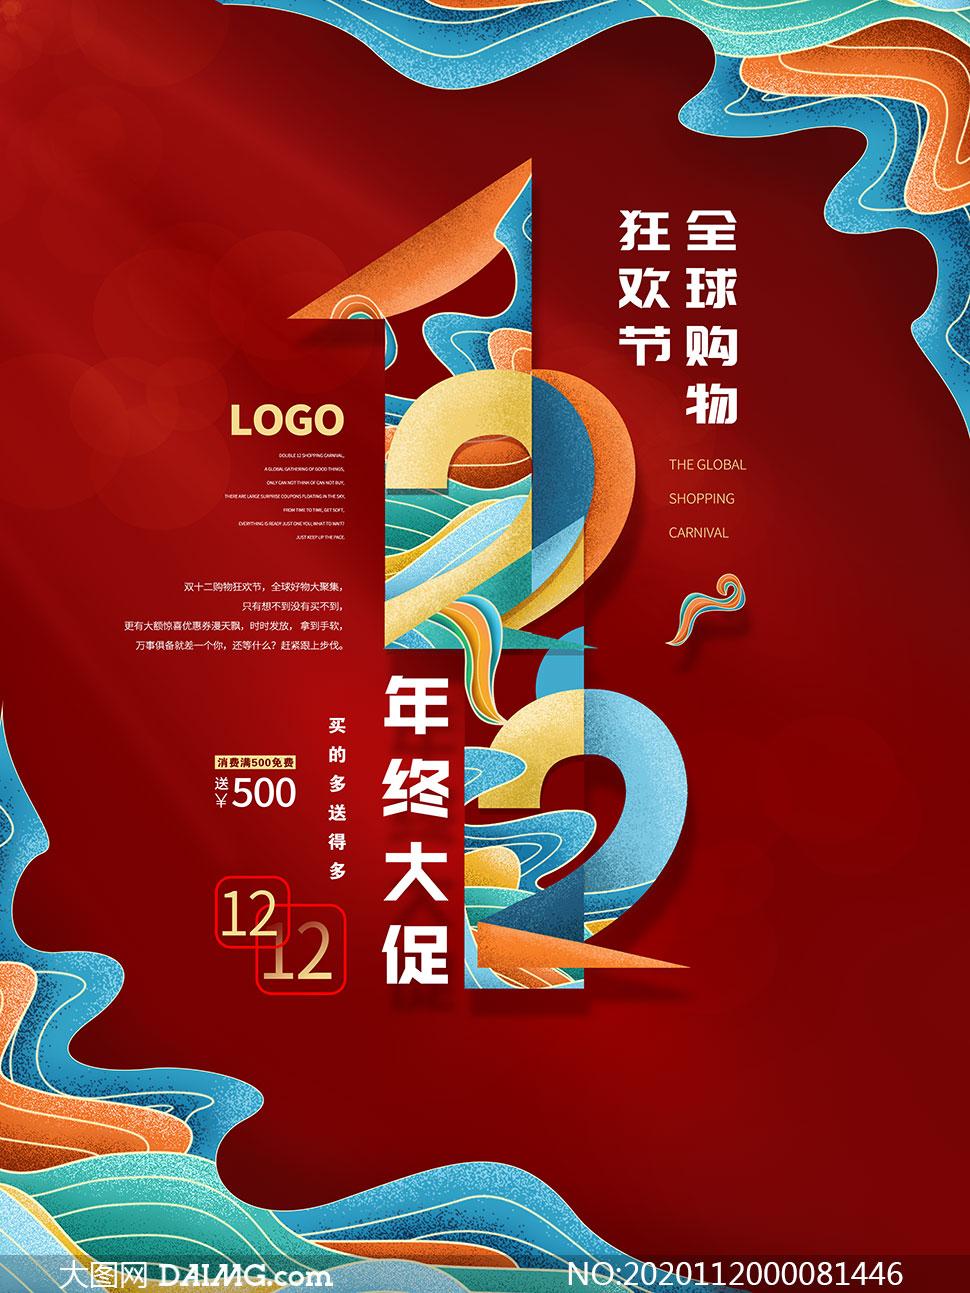 淘宝双12年终大促创意海报PSD素材